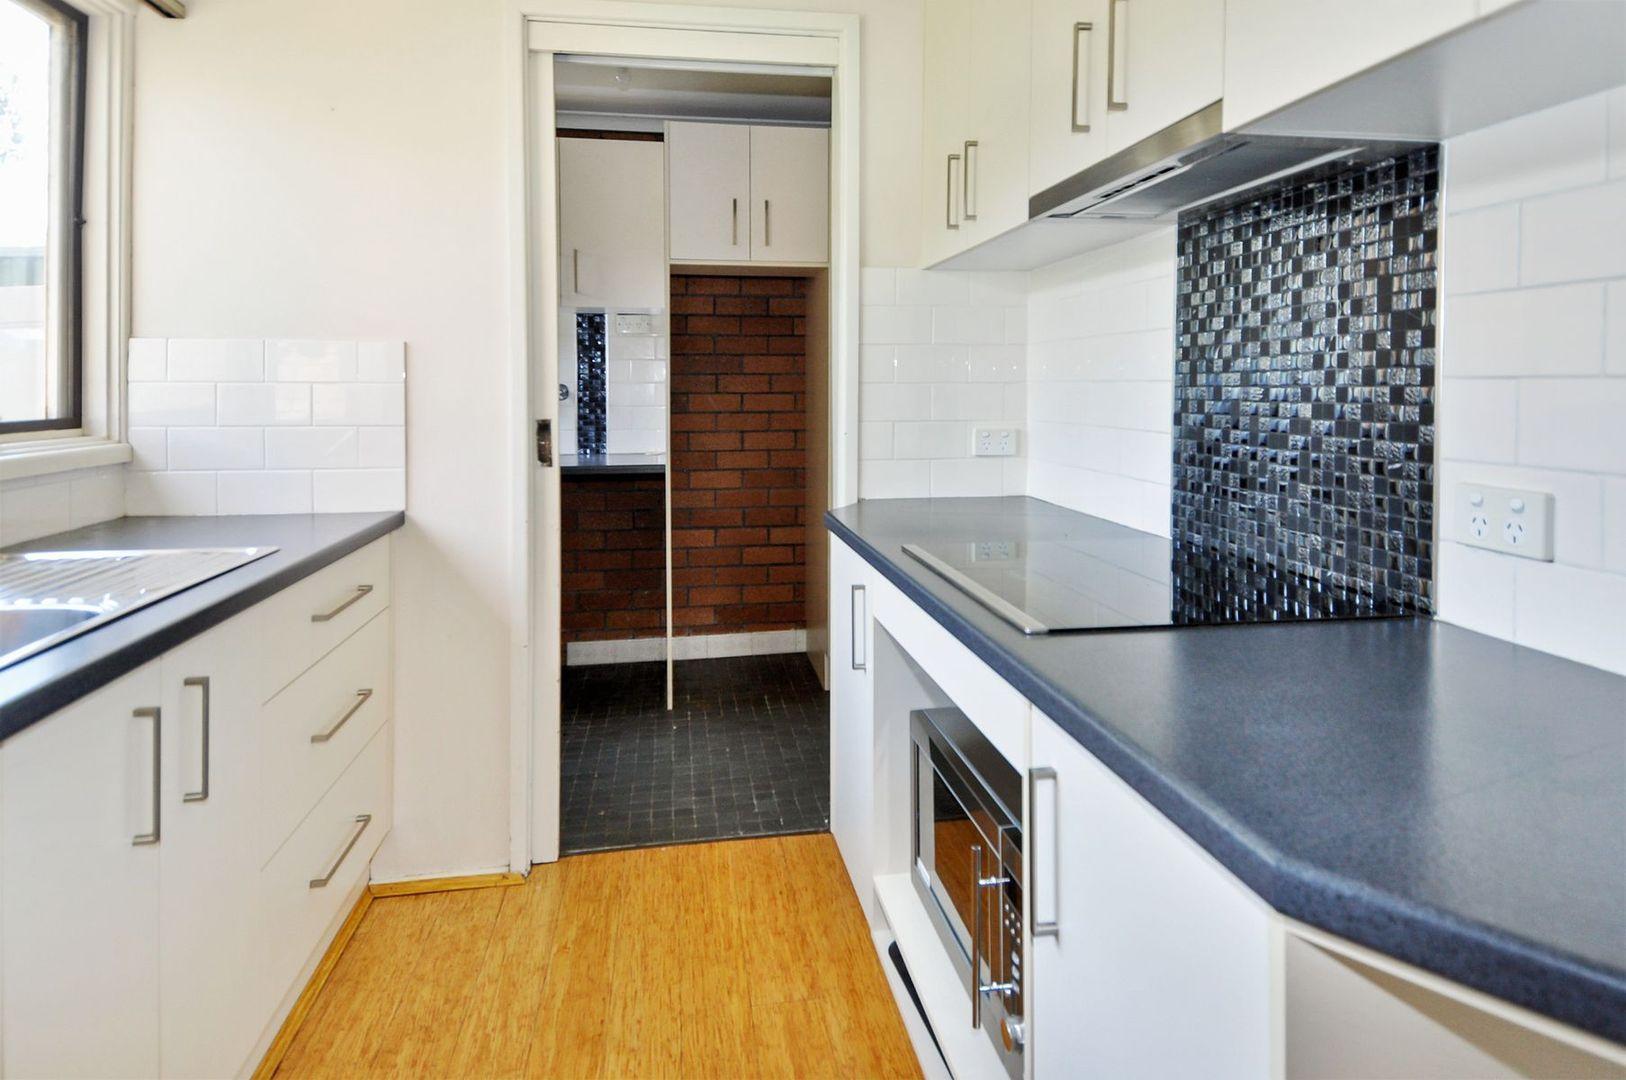 2/196 Keppel Street, Bathurst NSW 2795, Image 1